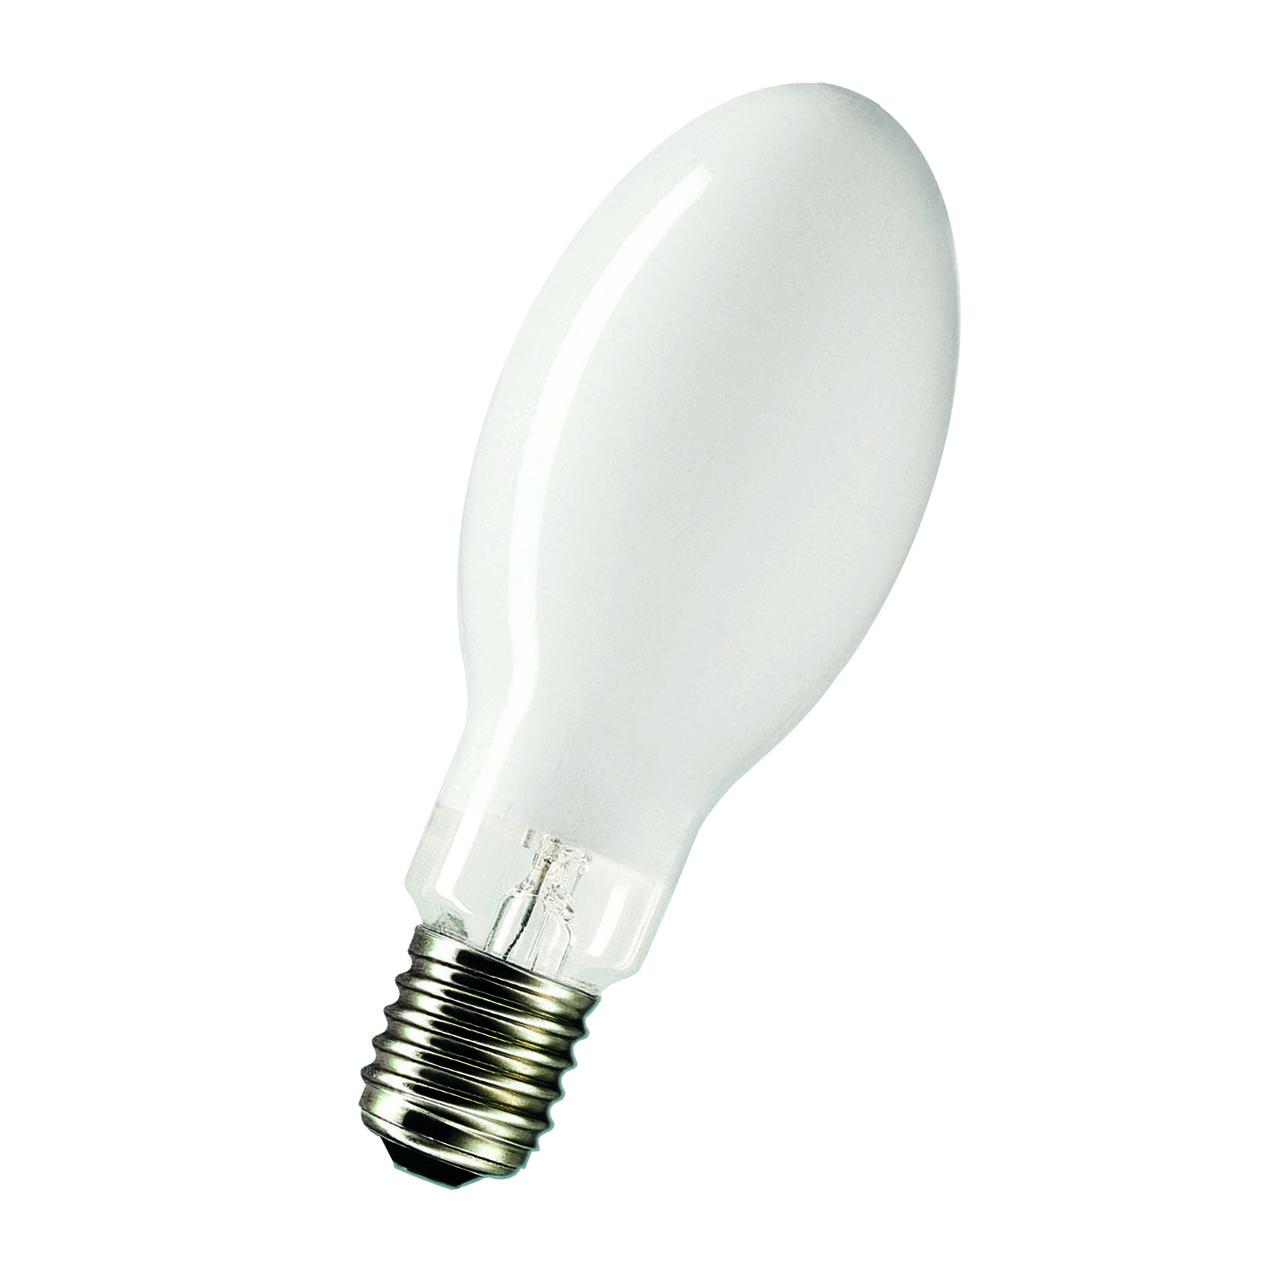 Лампа ДРВ-250 эллипсоидная 4000К Е40 Мегаватт